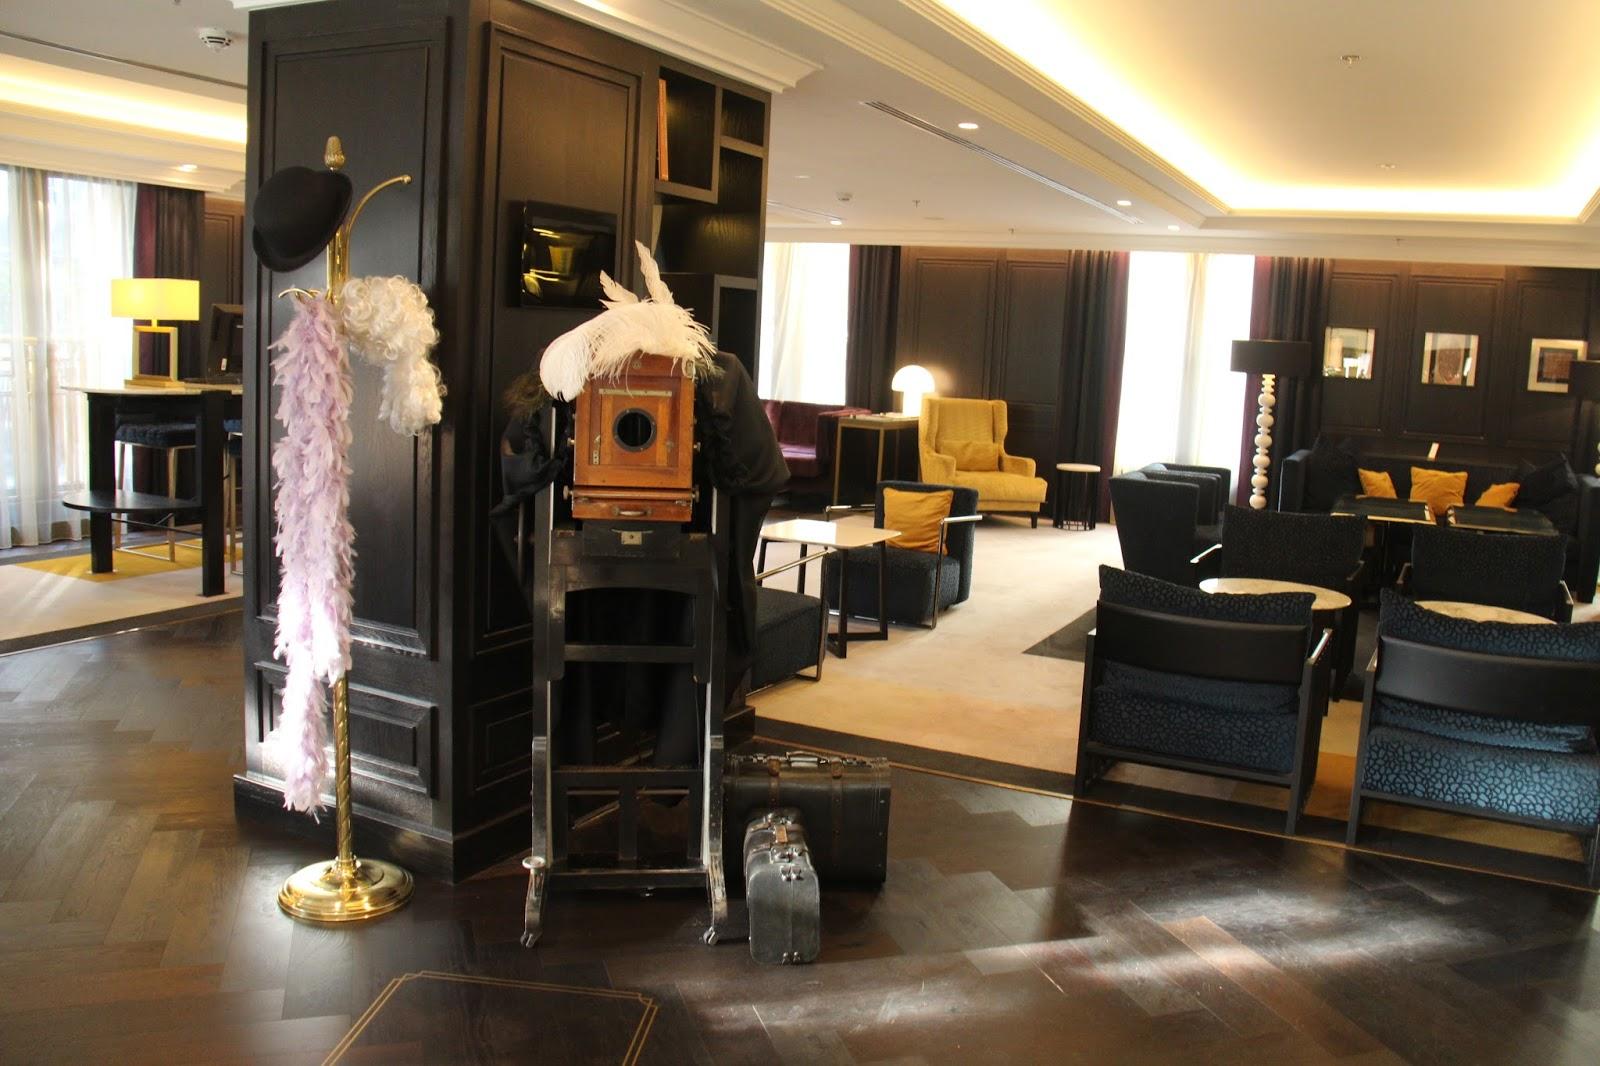 Apaixonados por Viagens Hilton Vienna Plaza Hotel Viena Áustria #A36F28 1600x1066 Acessorios Banheiro Hotel